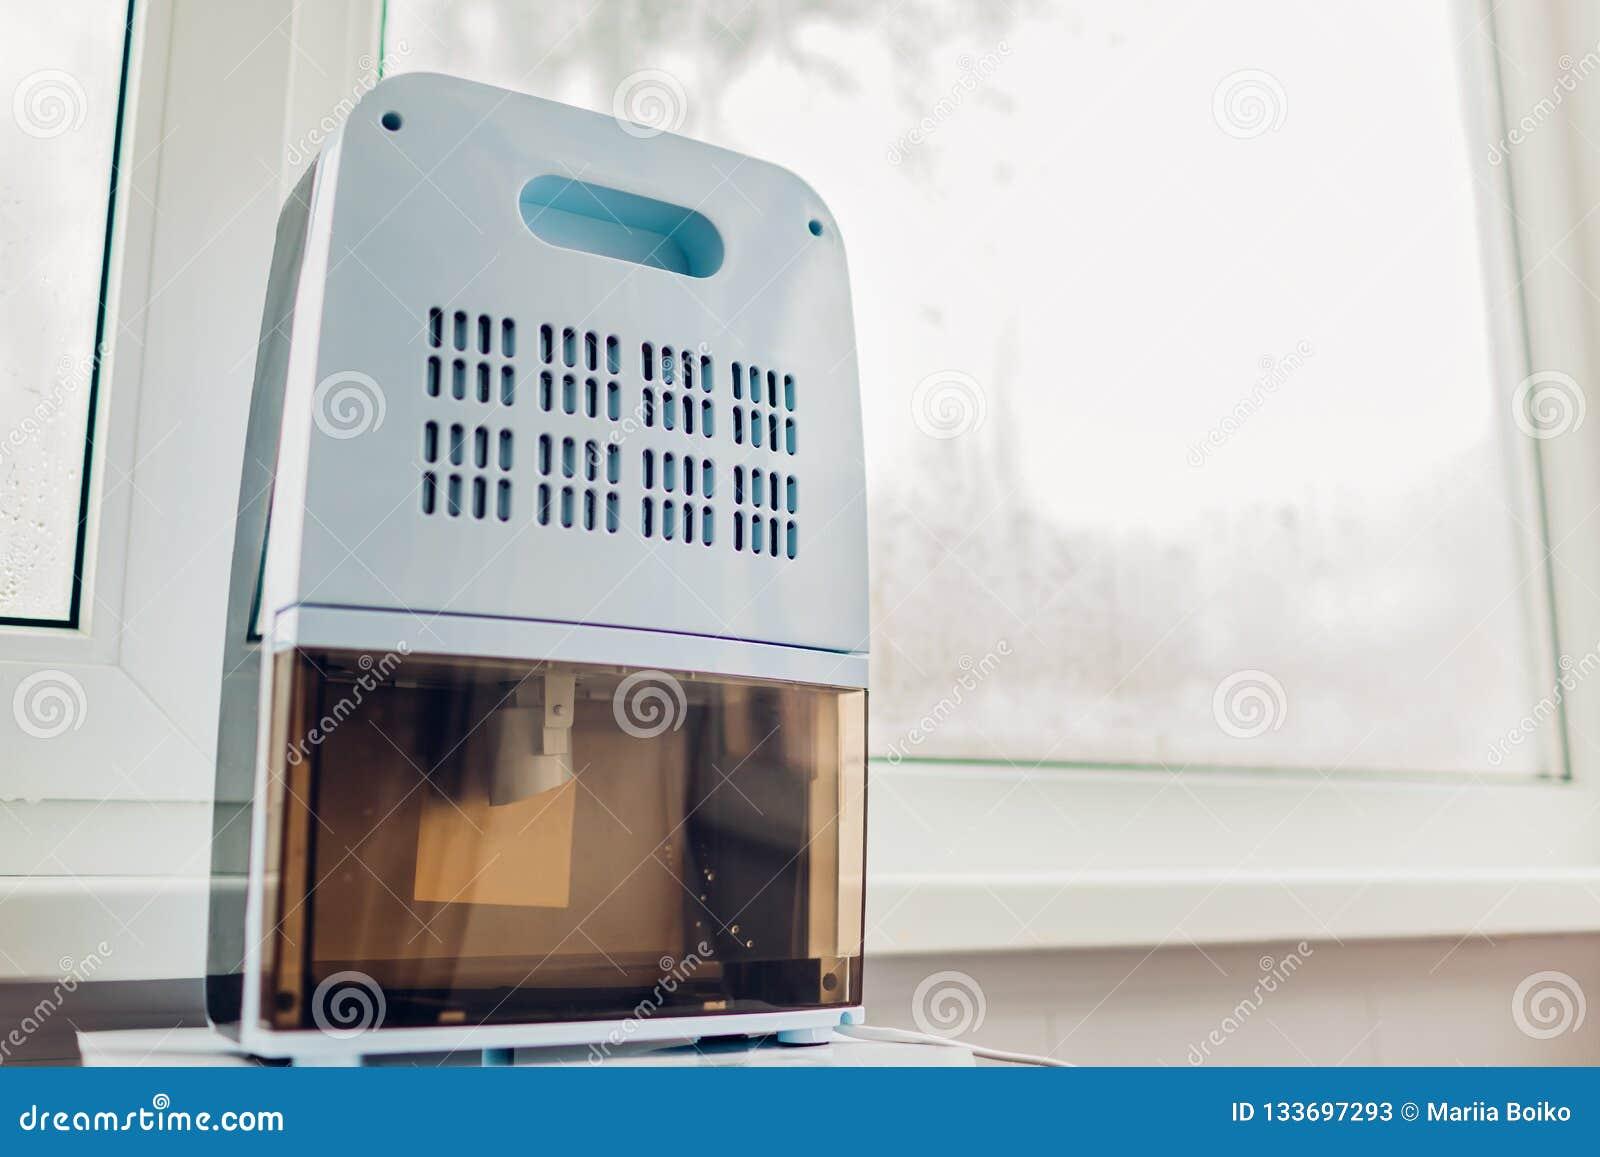 与接触控制板,湿度指示剂,紫外灯,空气ionizer,水容器工作的抽湿机在湿窗口旁边